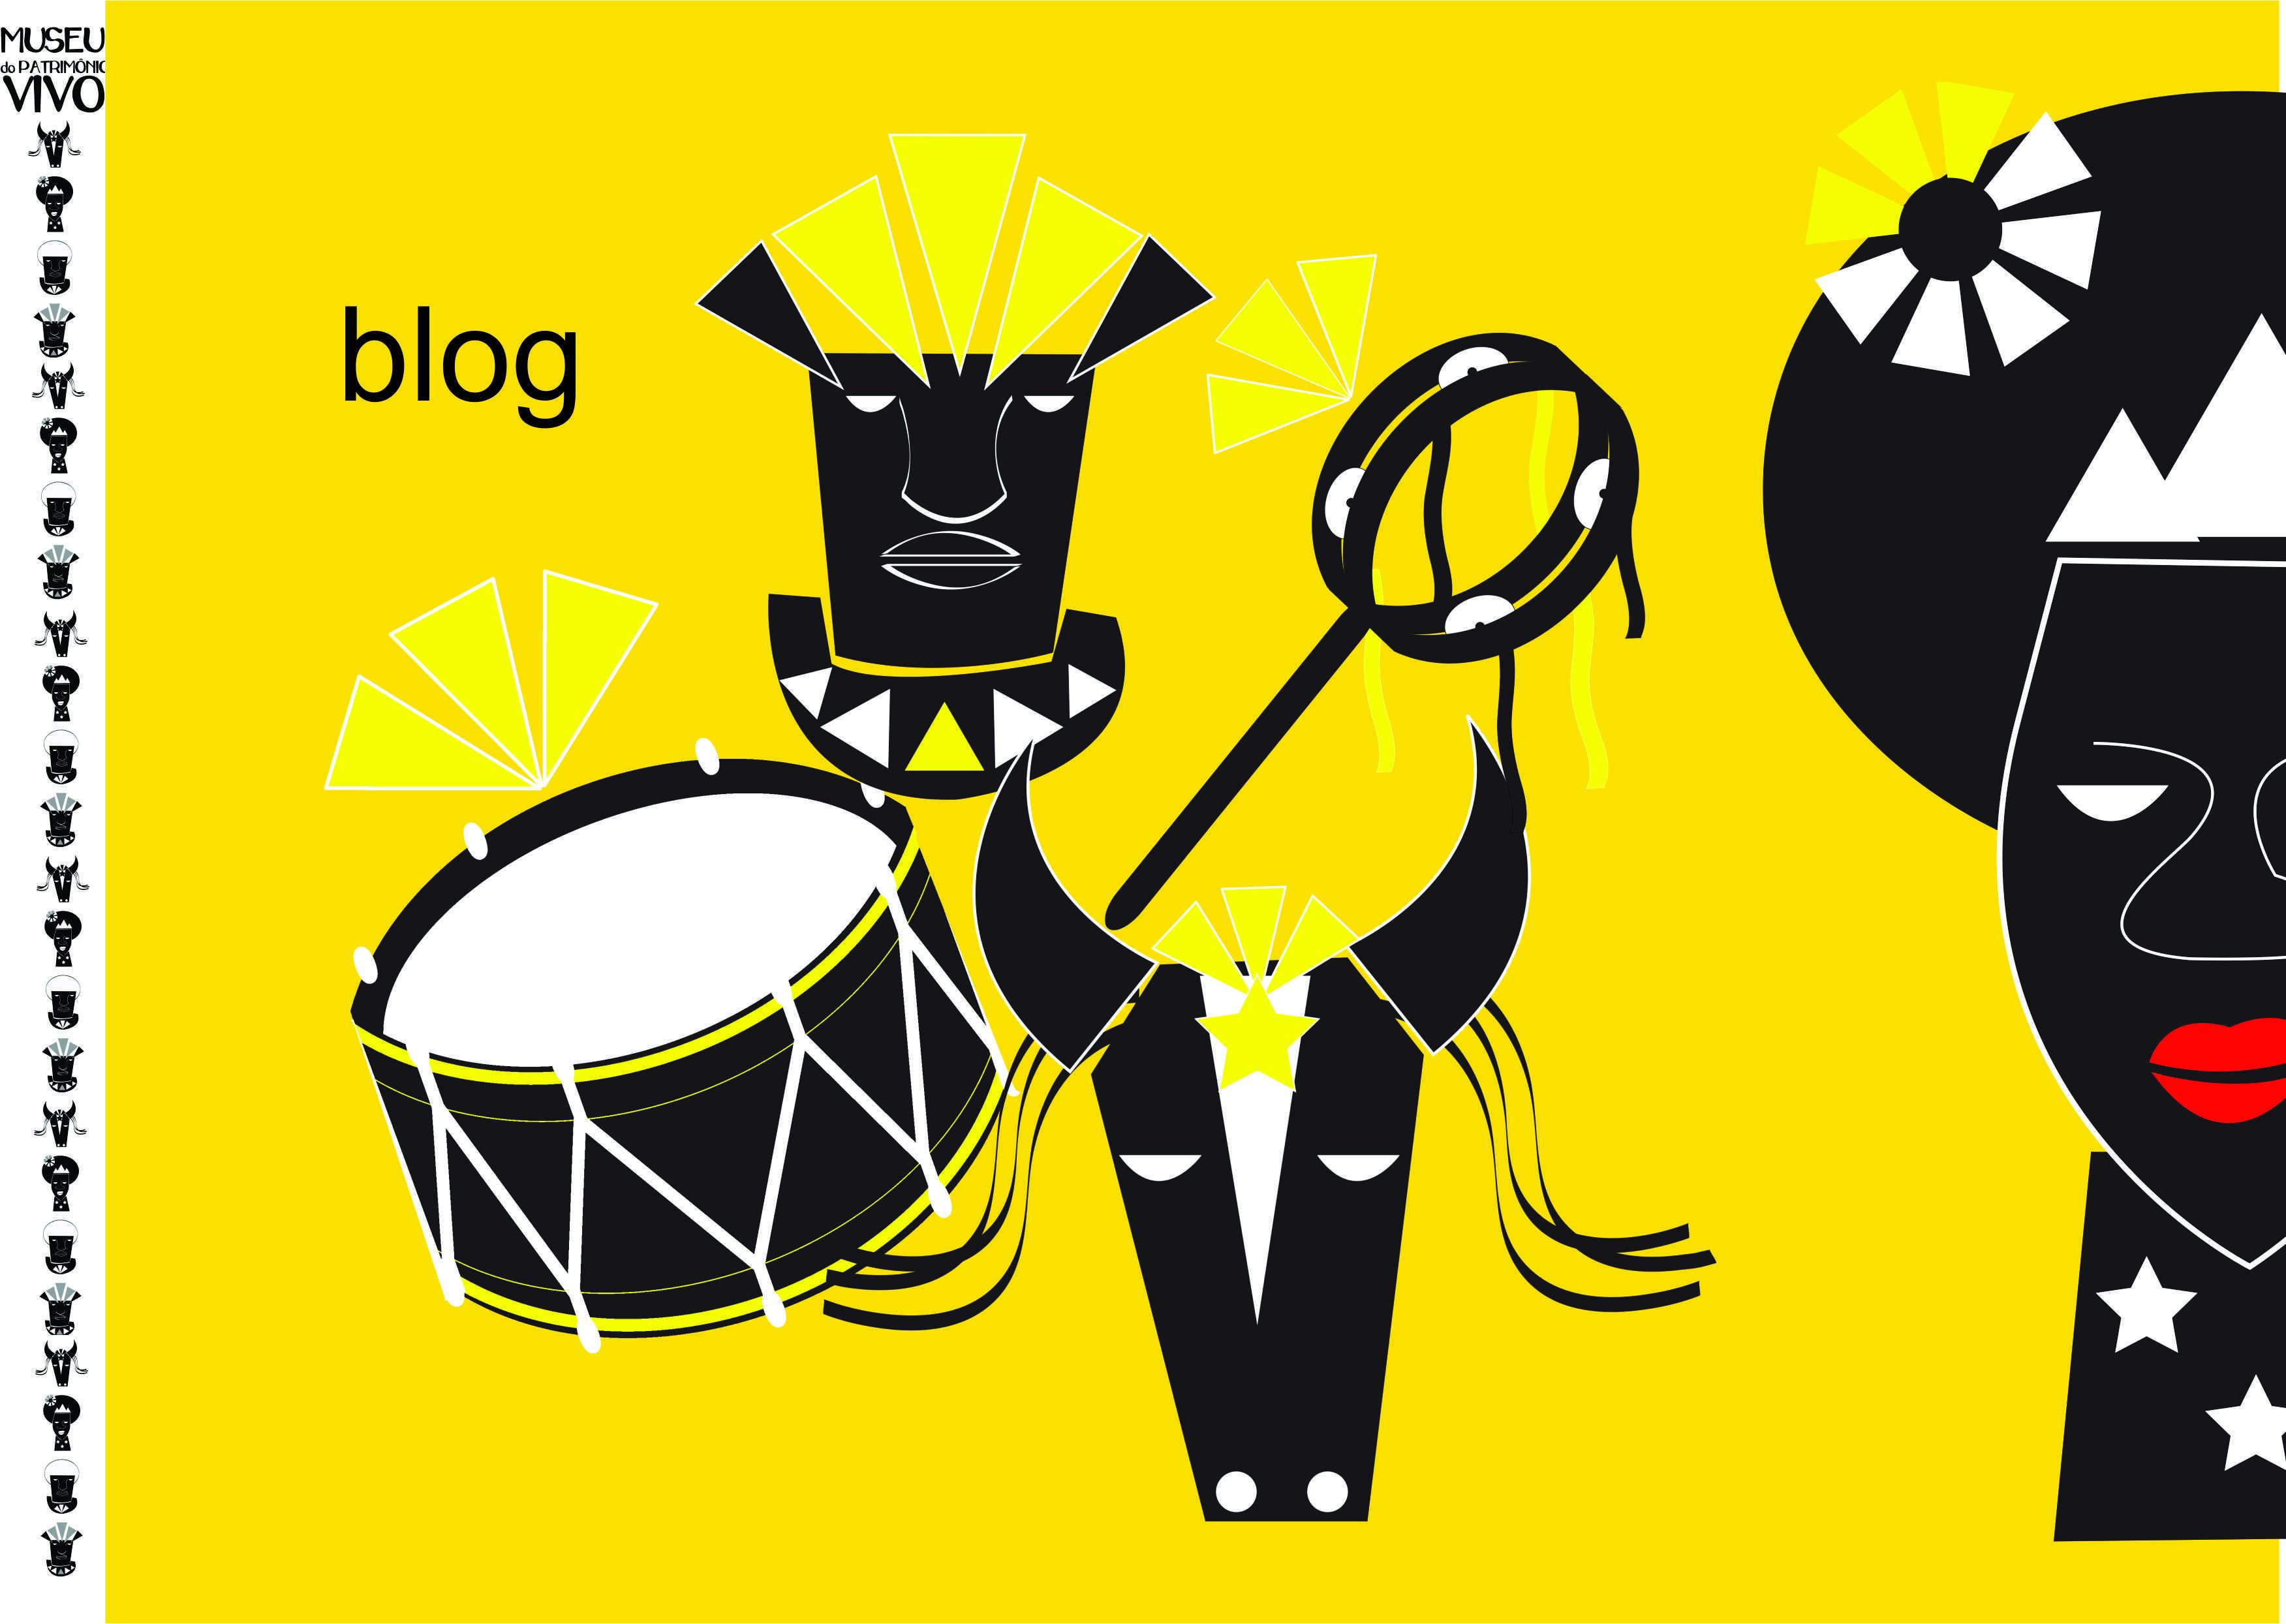 imagem blog.jpg